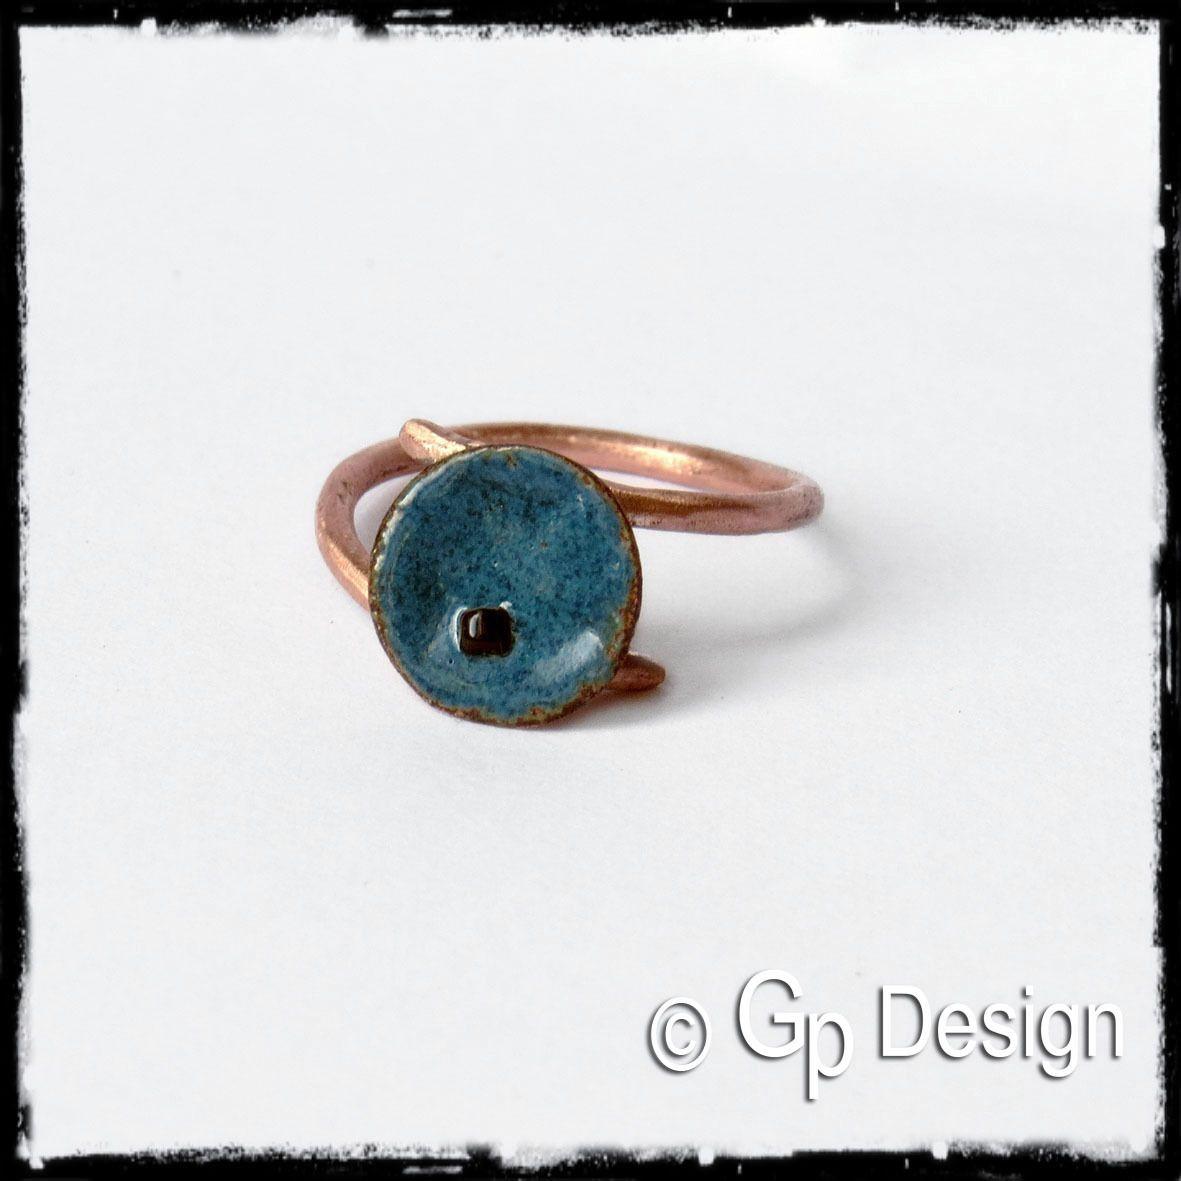 """Bague en cuivre - """"Petite fleur"""" - Cuivre émaillé bleu profond - Perle de verre : Bague par gp-design"""